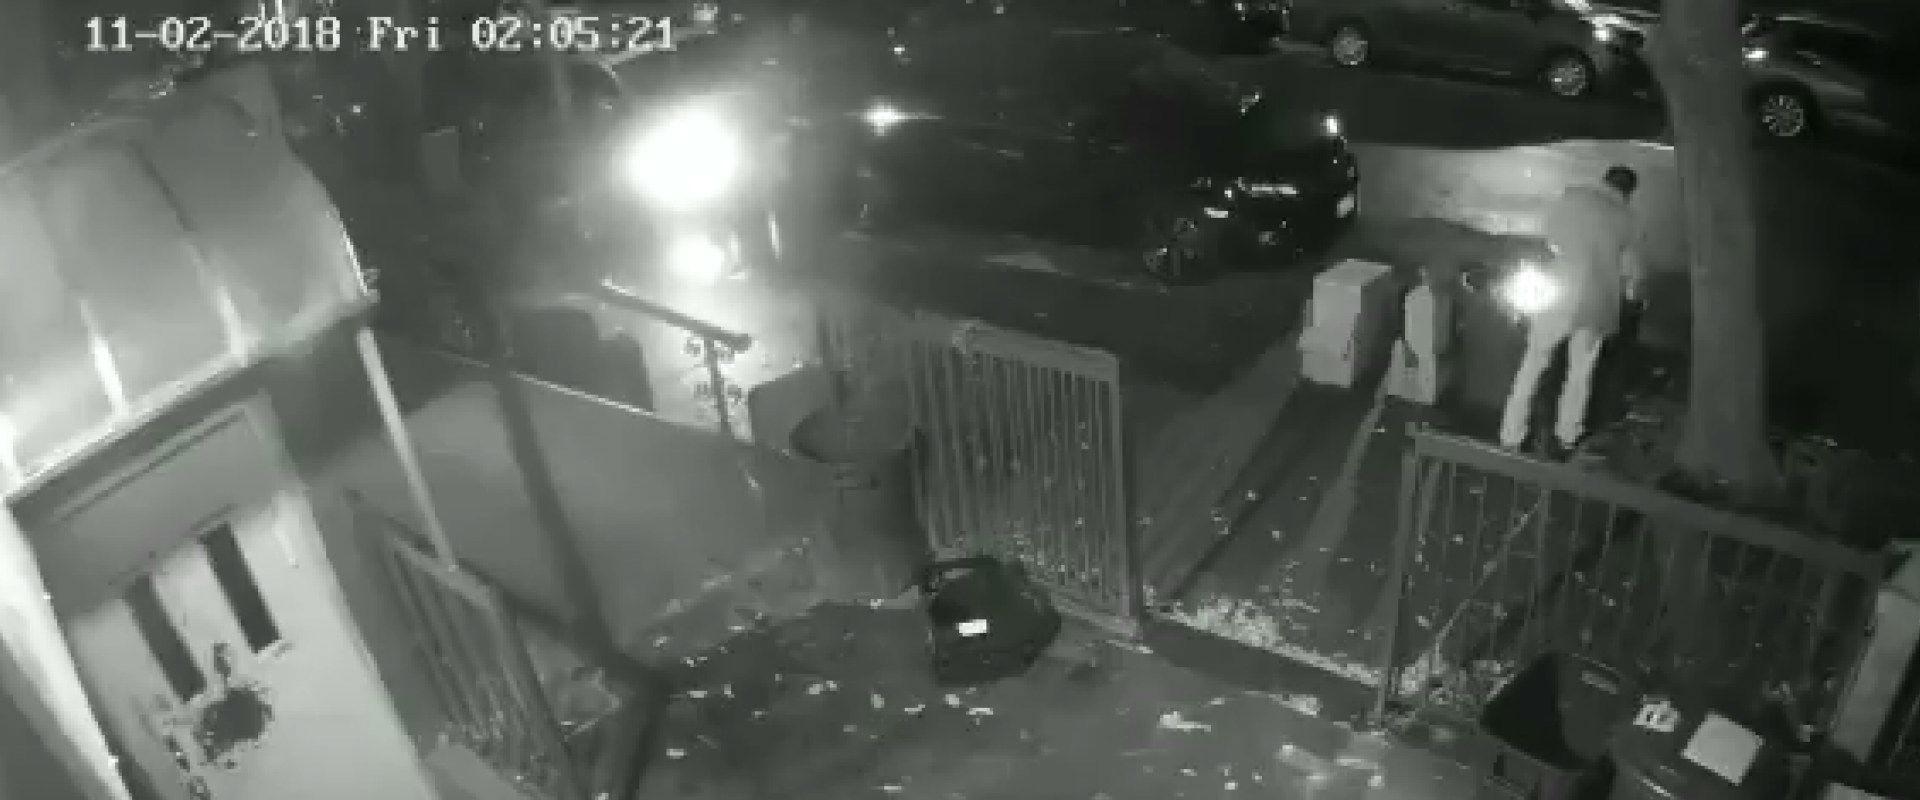 תיעוד של אחת מההצתות בבתי הכנסת בברוקלין